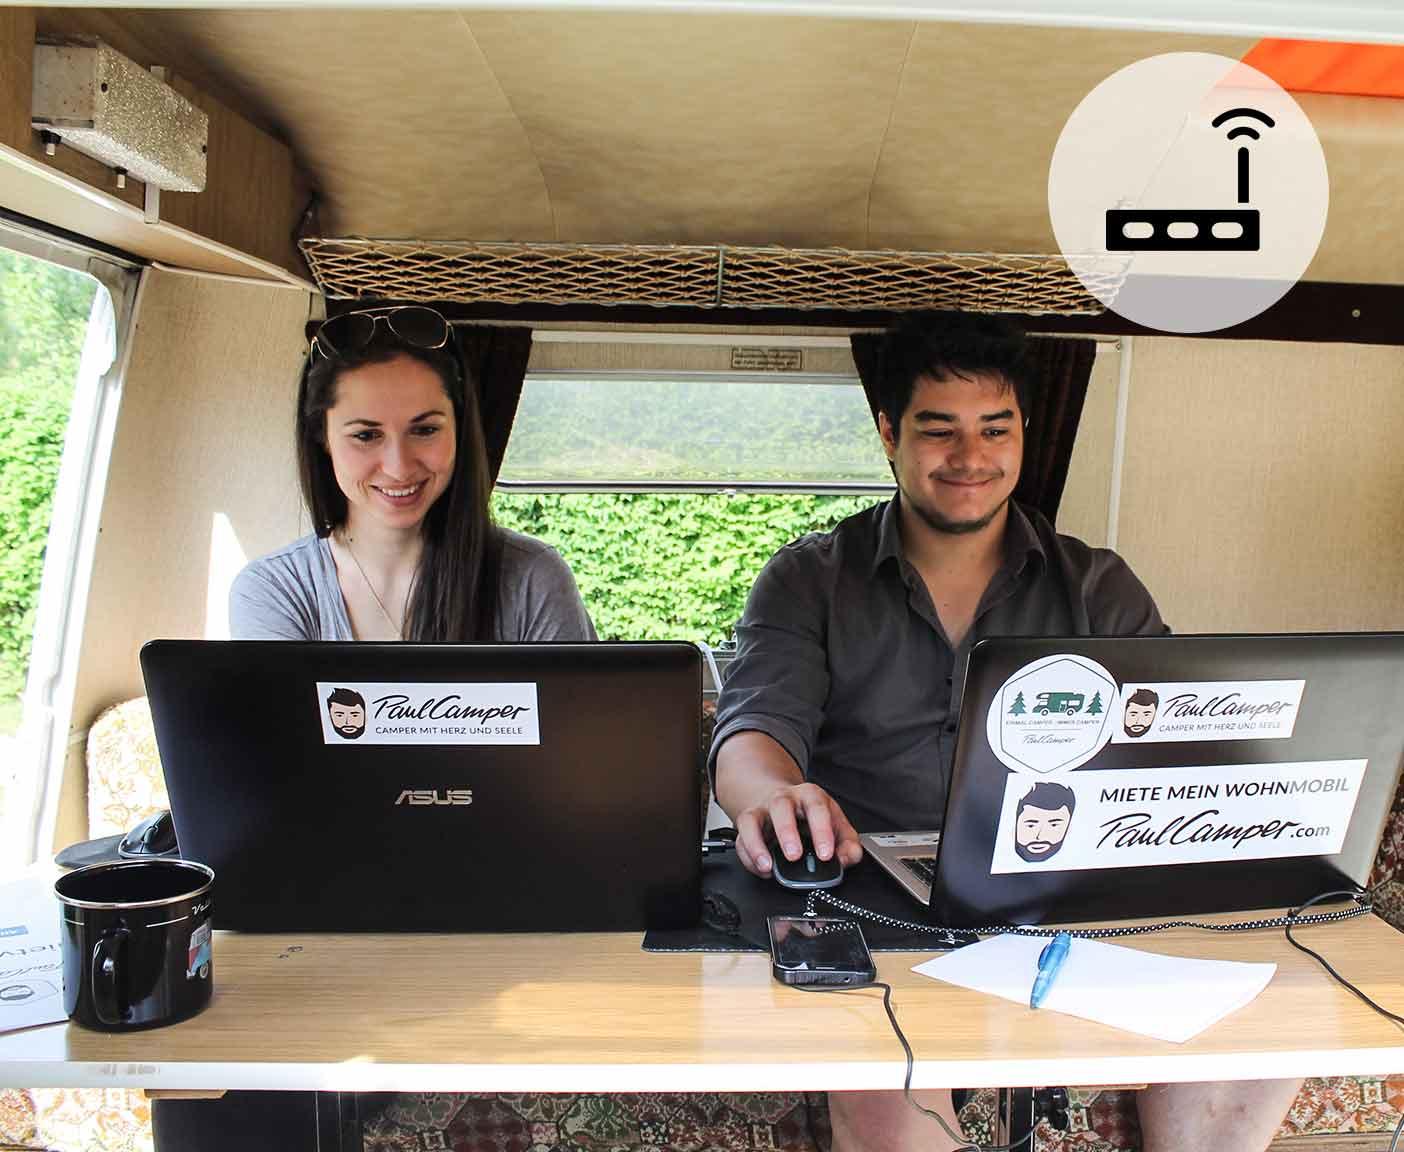 Internet im Wohnmobil, Frau und Mann arbeiten an ihren Laptops im Wohnwagen, PaulCamper, Router